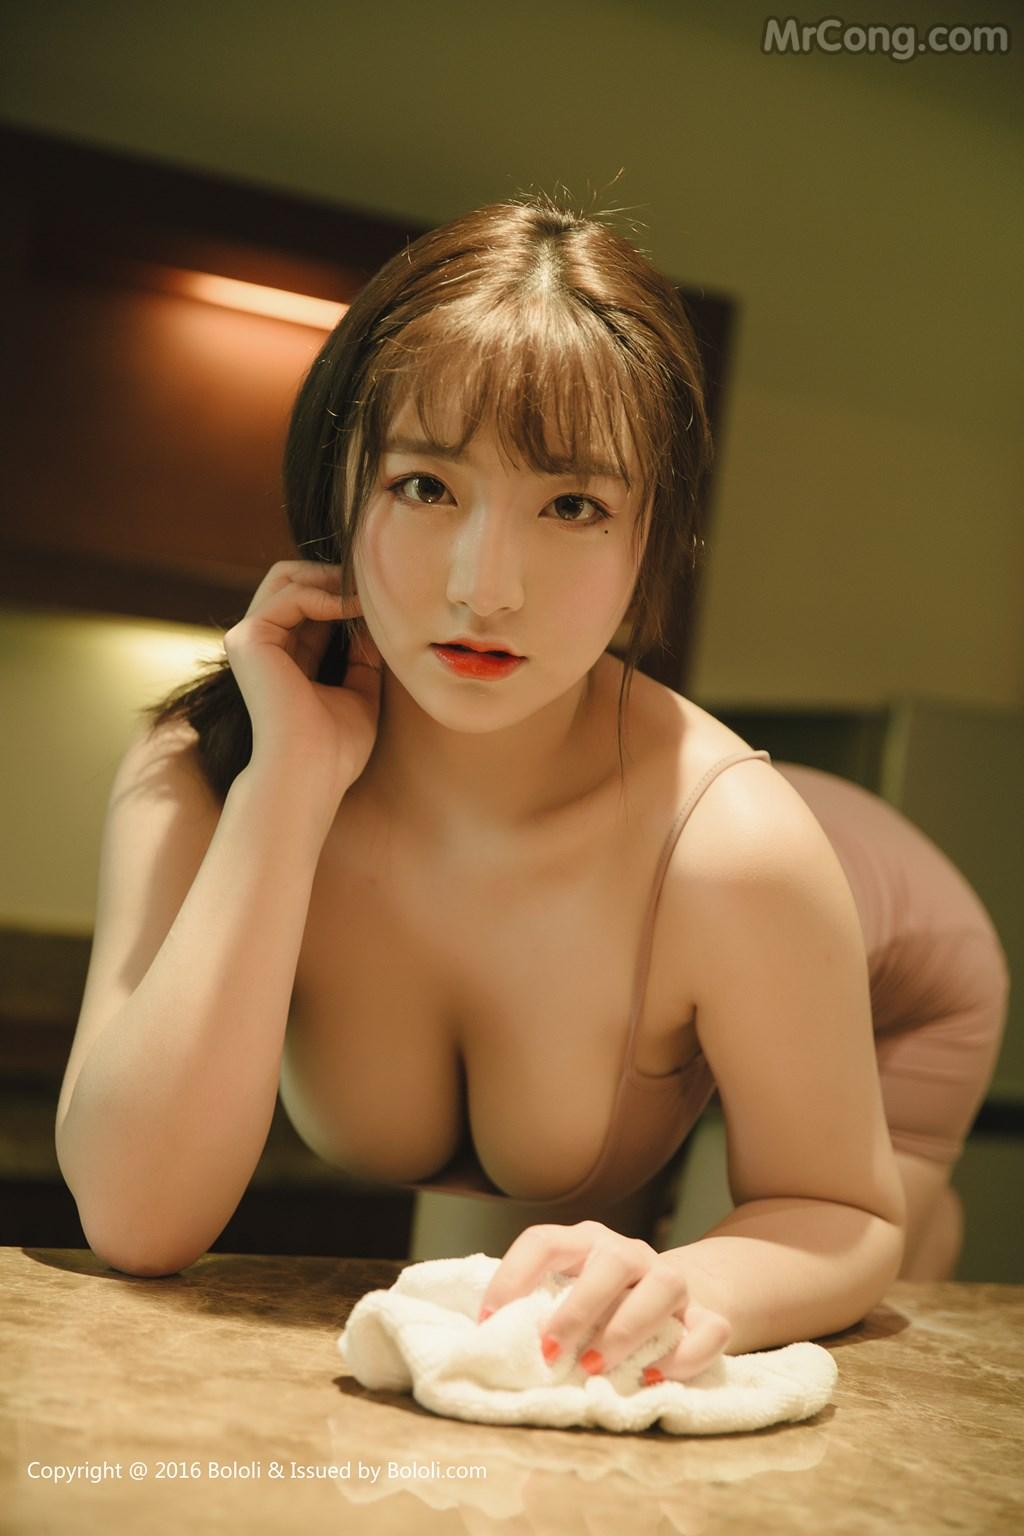 Image BoLoli-2017-02-14-Vol.022-Mang-Guo-MrCong.com-005 in post BoLoli 2017-02-14 Vol.022: Người mẫu Mang Guo (芒果) (40 ảnh)